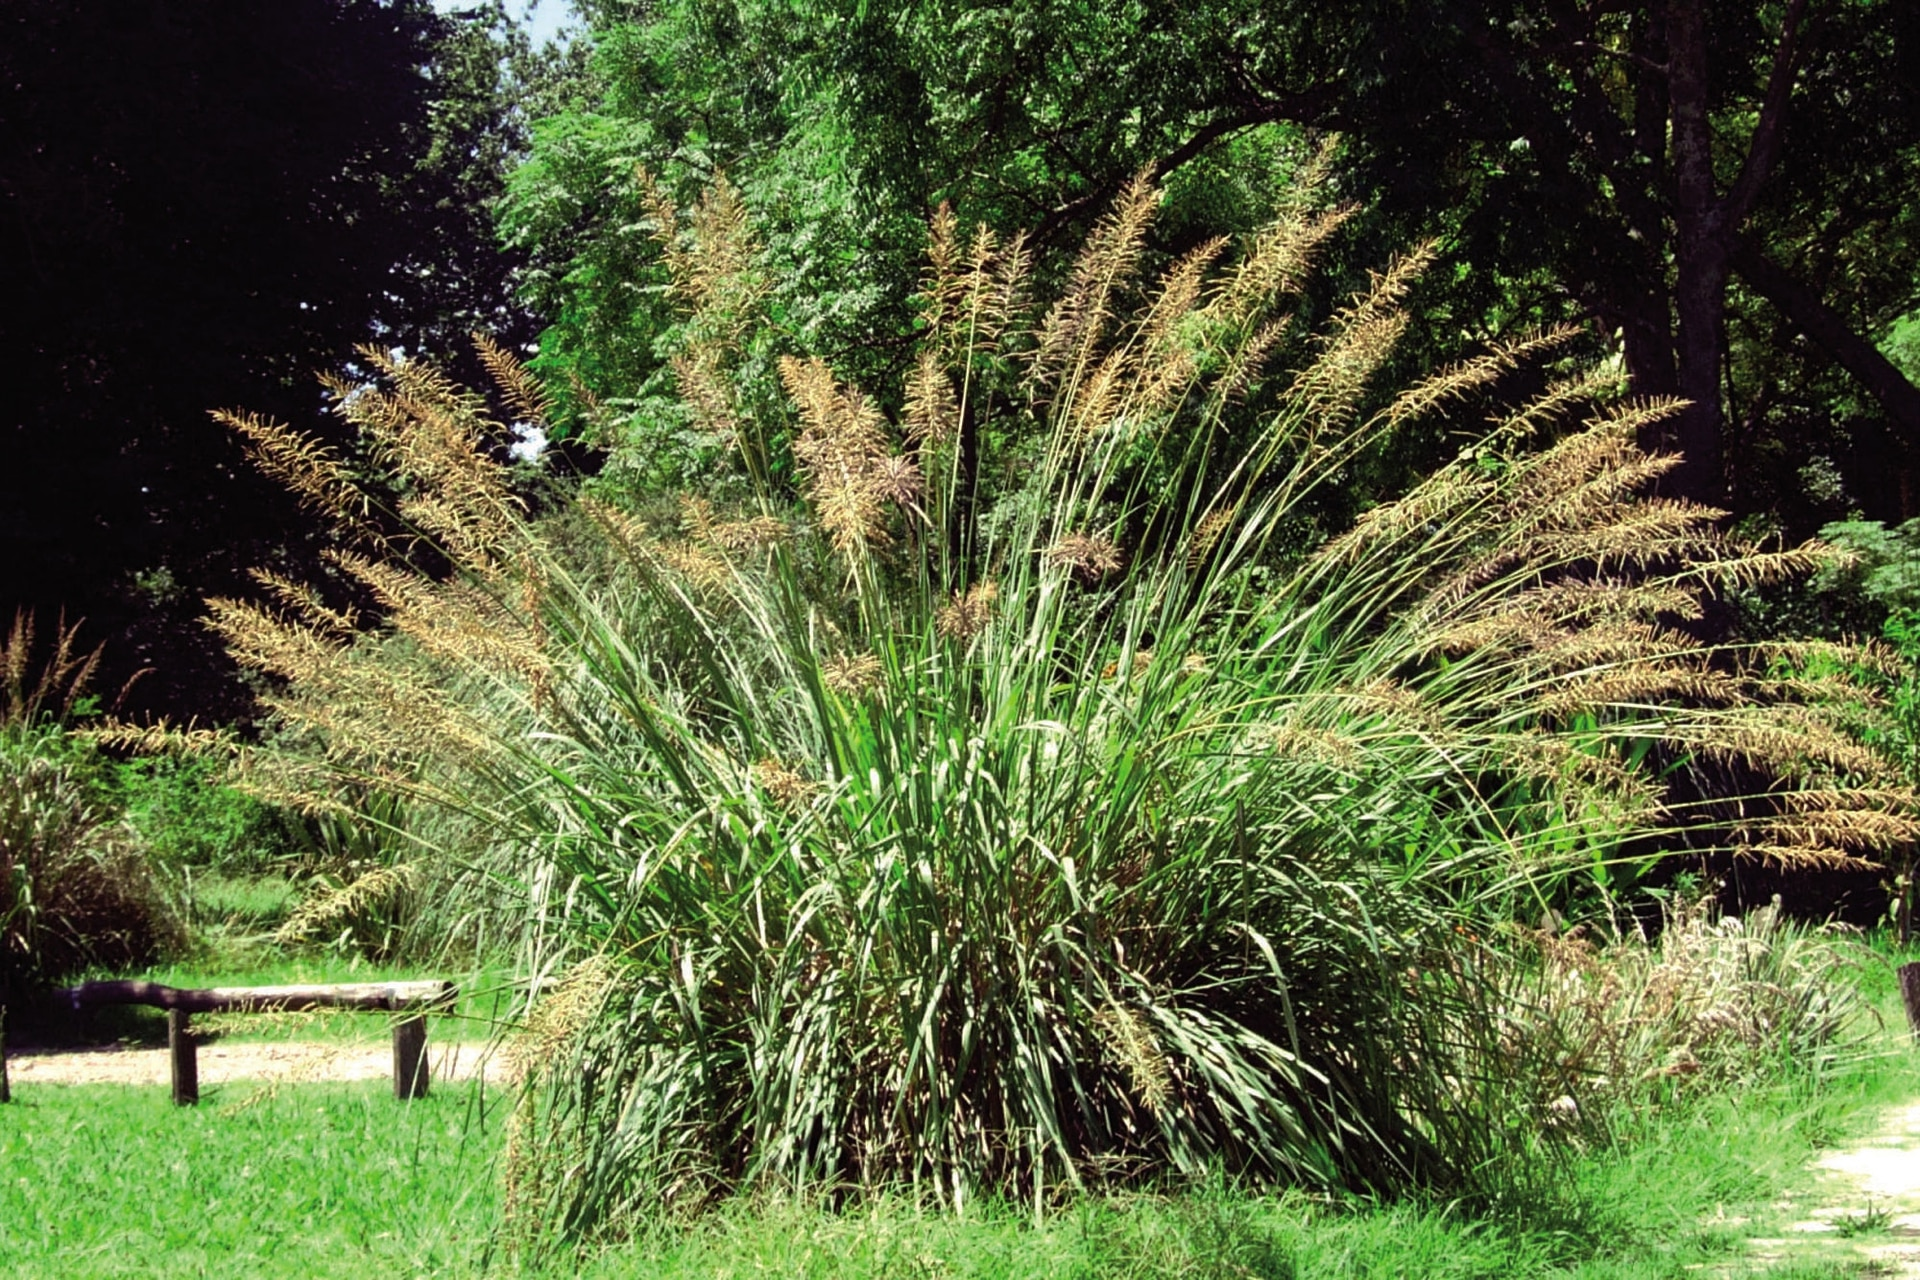 La paja colorada (Paspalum haumanii), es una hierba nativa perenne que, en la Argentina, vive espontáneamente en los pajonales de la Mesopotamia hasta la ribera rioplatense. Florece en primavera.